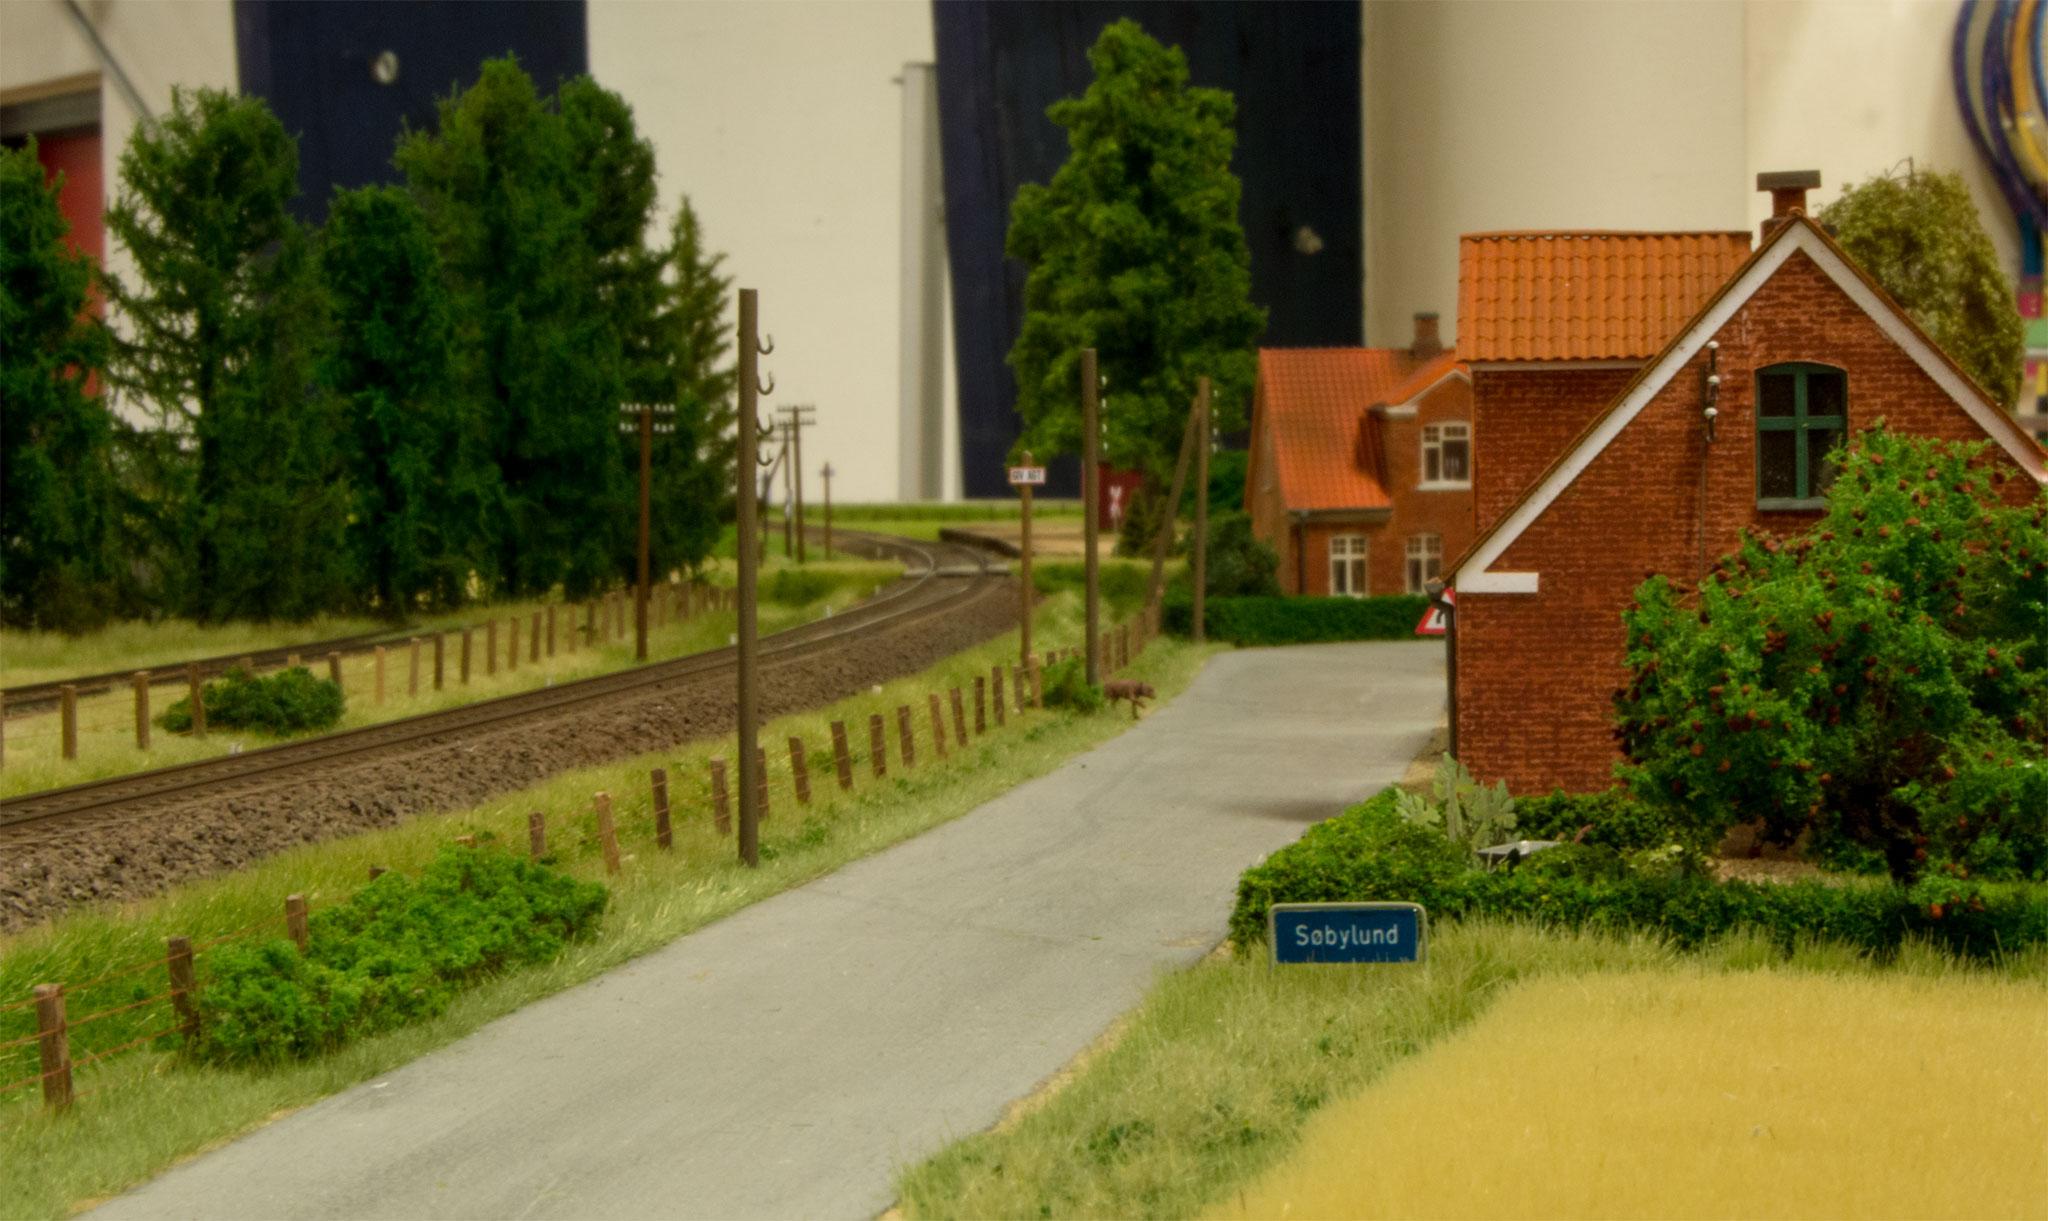 Nogle få huse giver indtryk af den lille Søbylund by i den ene ende af Torben Muncks moduler